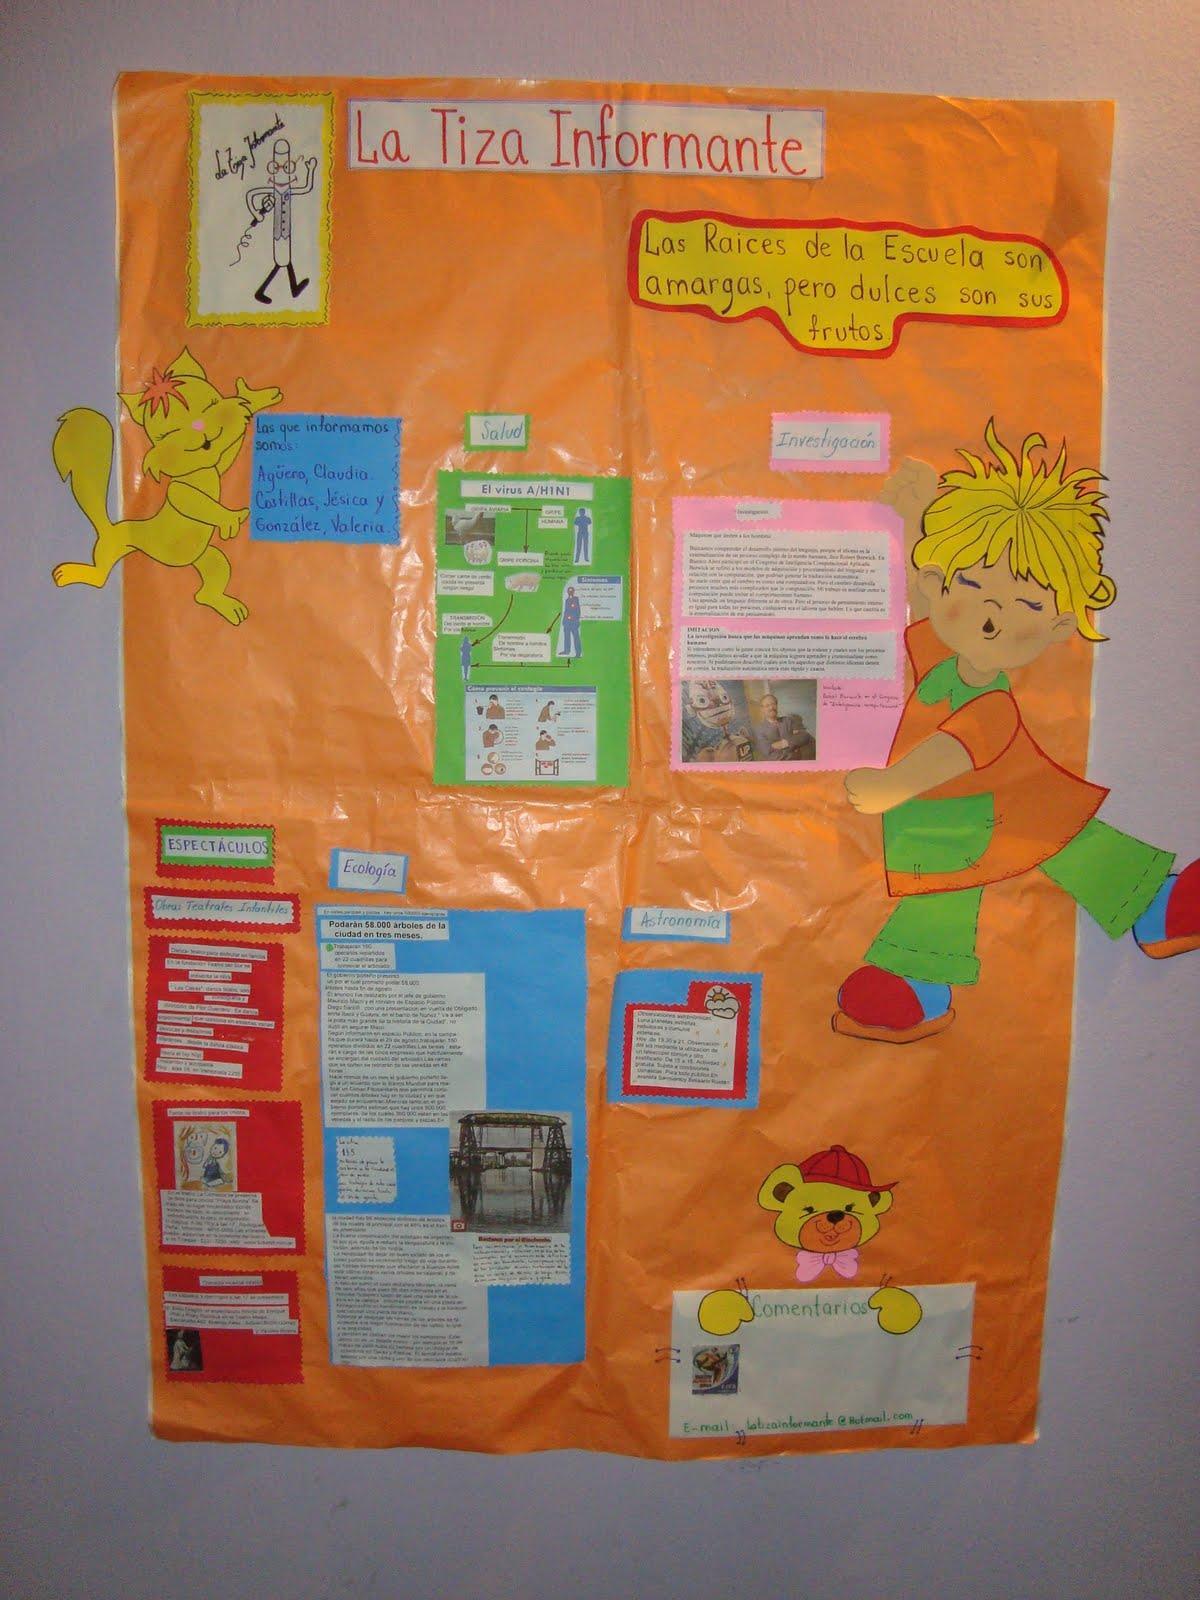 Medios audiovisuales tic 39 s y educacion el periodico mural for El periodico mural y sus secciones